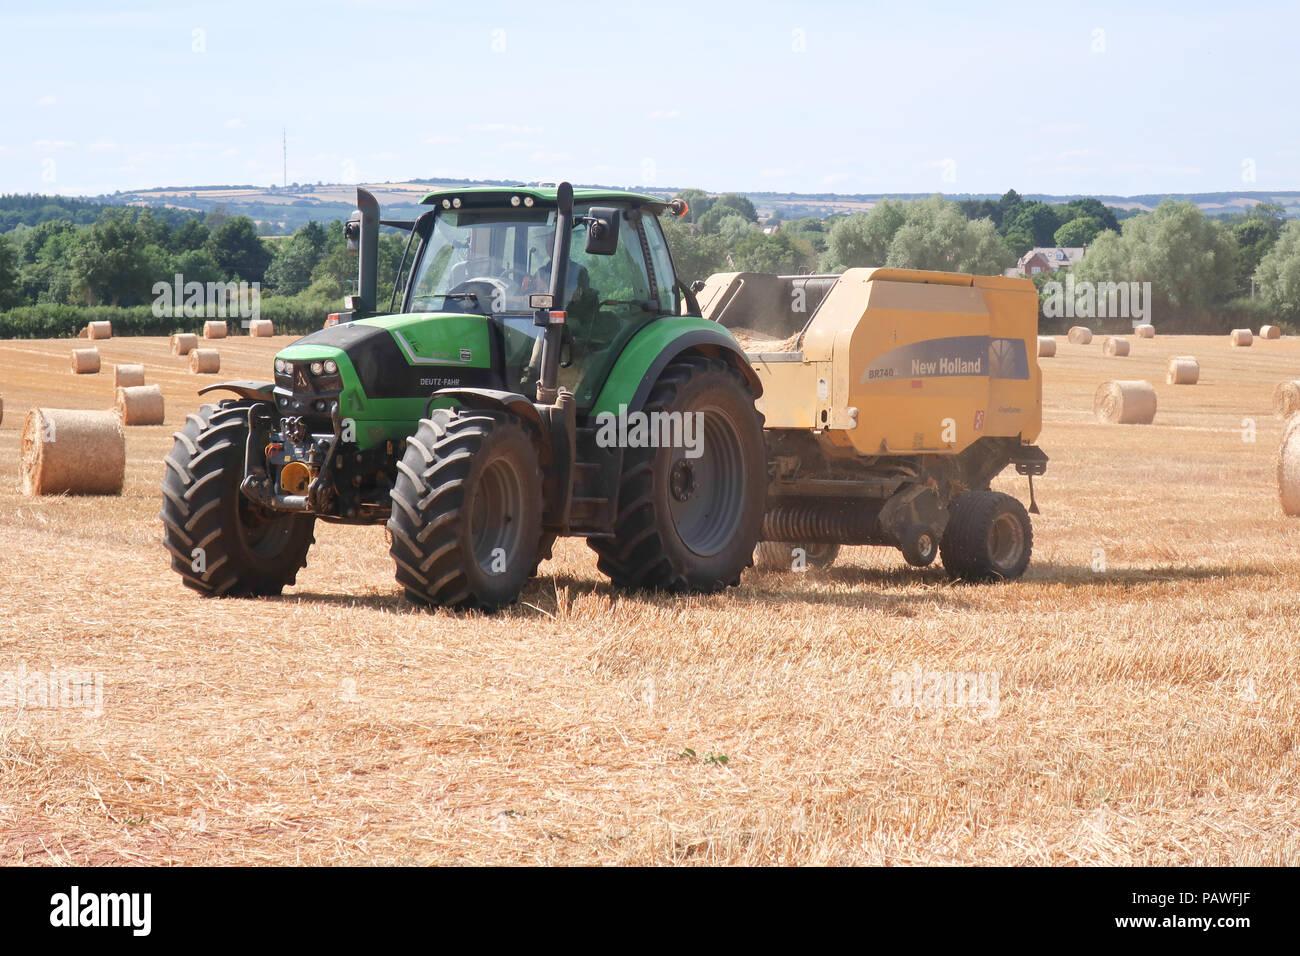 Newent Glos, Großbritannien. 25. Juli 2018. Die Landwirte erhalten einen frühen Start über die Ernte, aber Erträge voraussichtlich niedriger als normal wegen der Dürre. Die Qualität sollte gut sein, aber die geringere Ausbeute wird zu höheren Weizenpreise und teuerer Brot führen. Quelle: Dr. Ian B Oldham/Alamy leben Nachrichten Stockbild